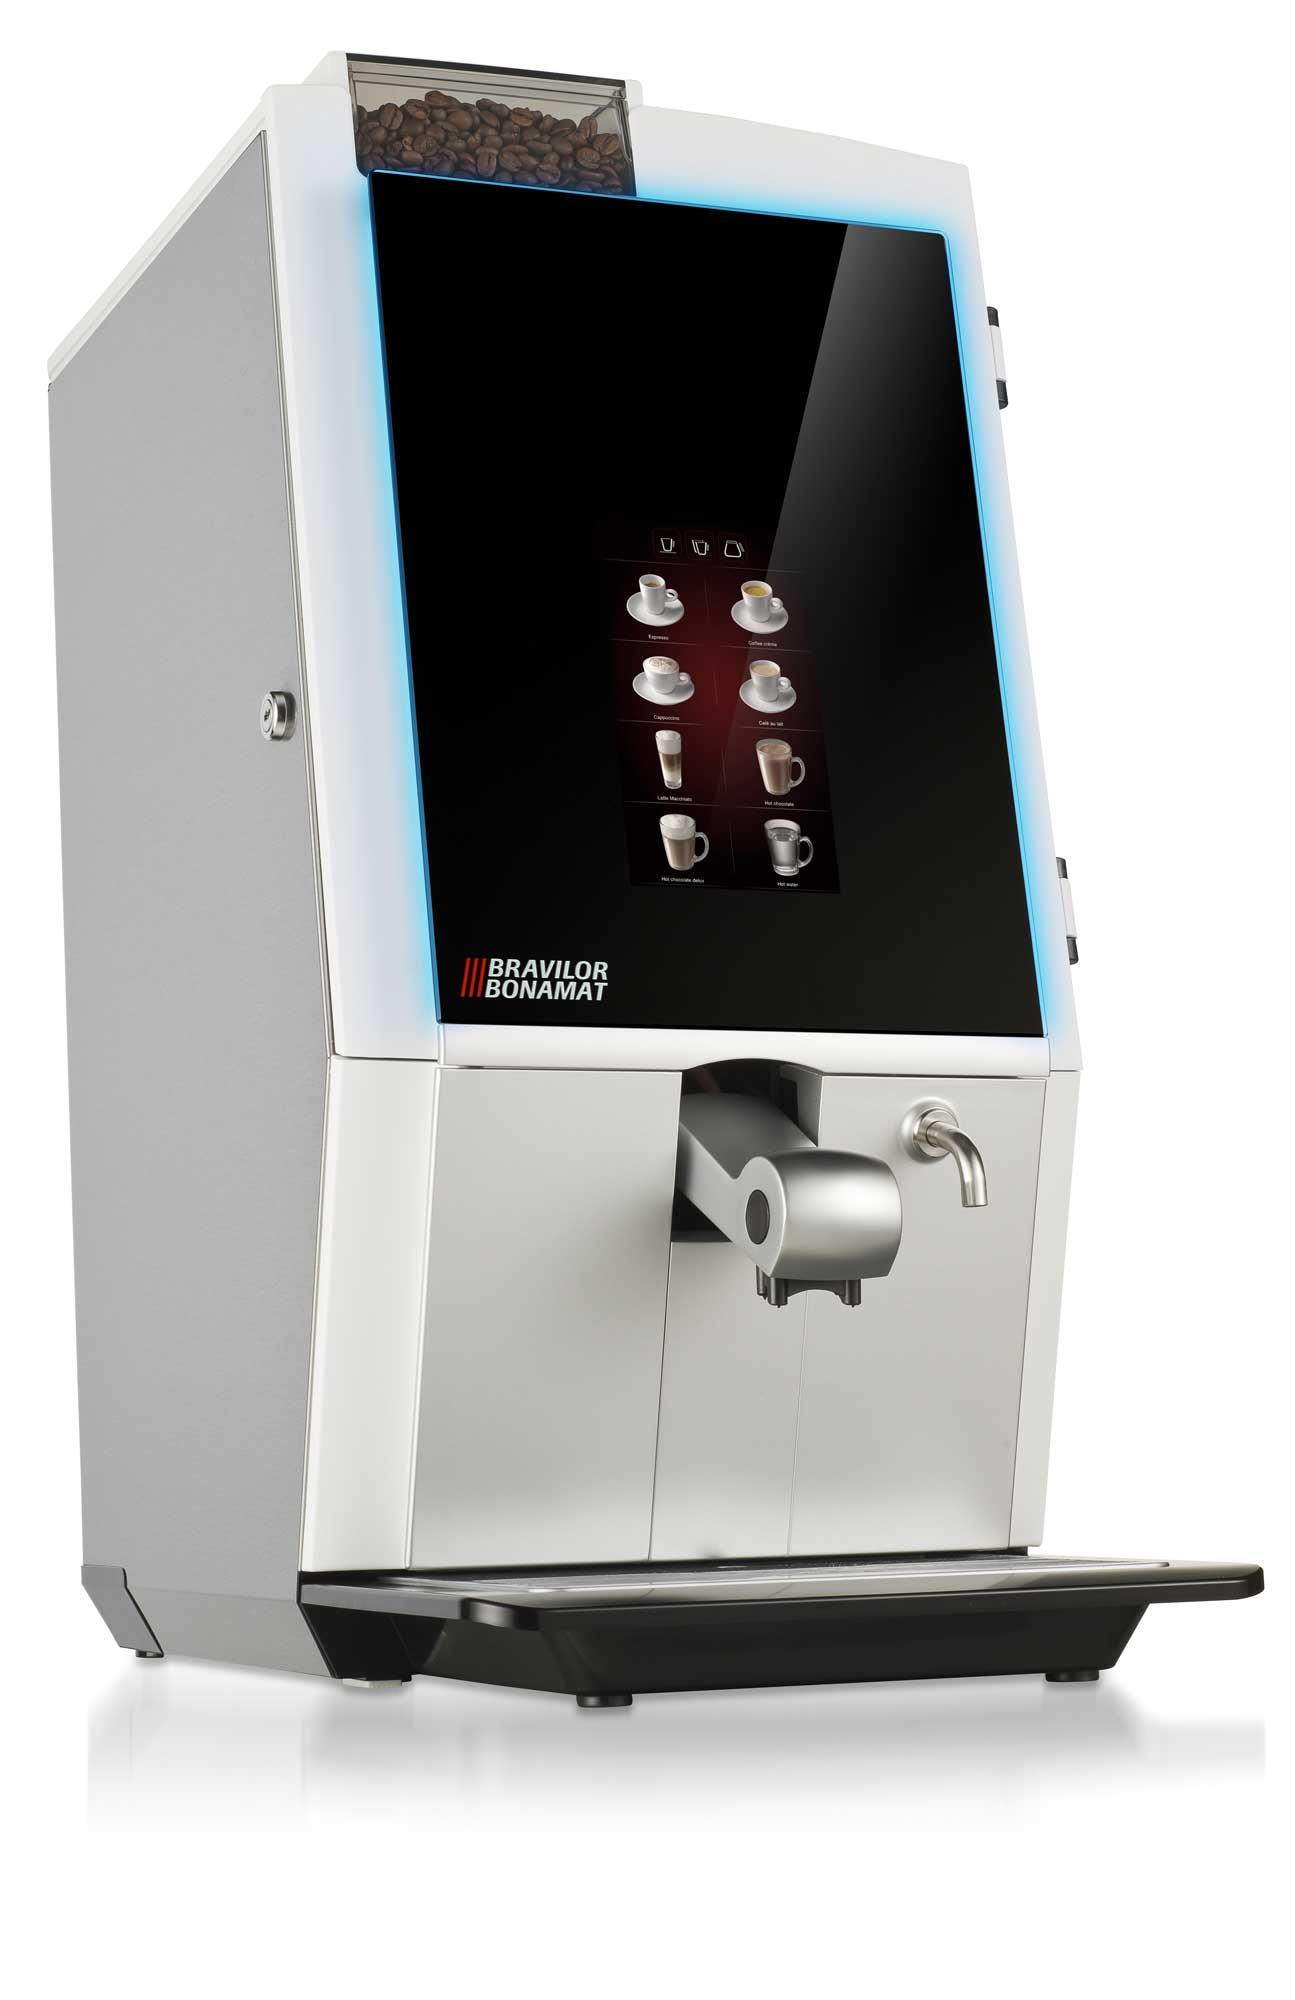 Bravilor Bonamat Esprecious 21 Spezialitäten - Kaffeevollautomat